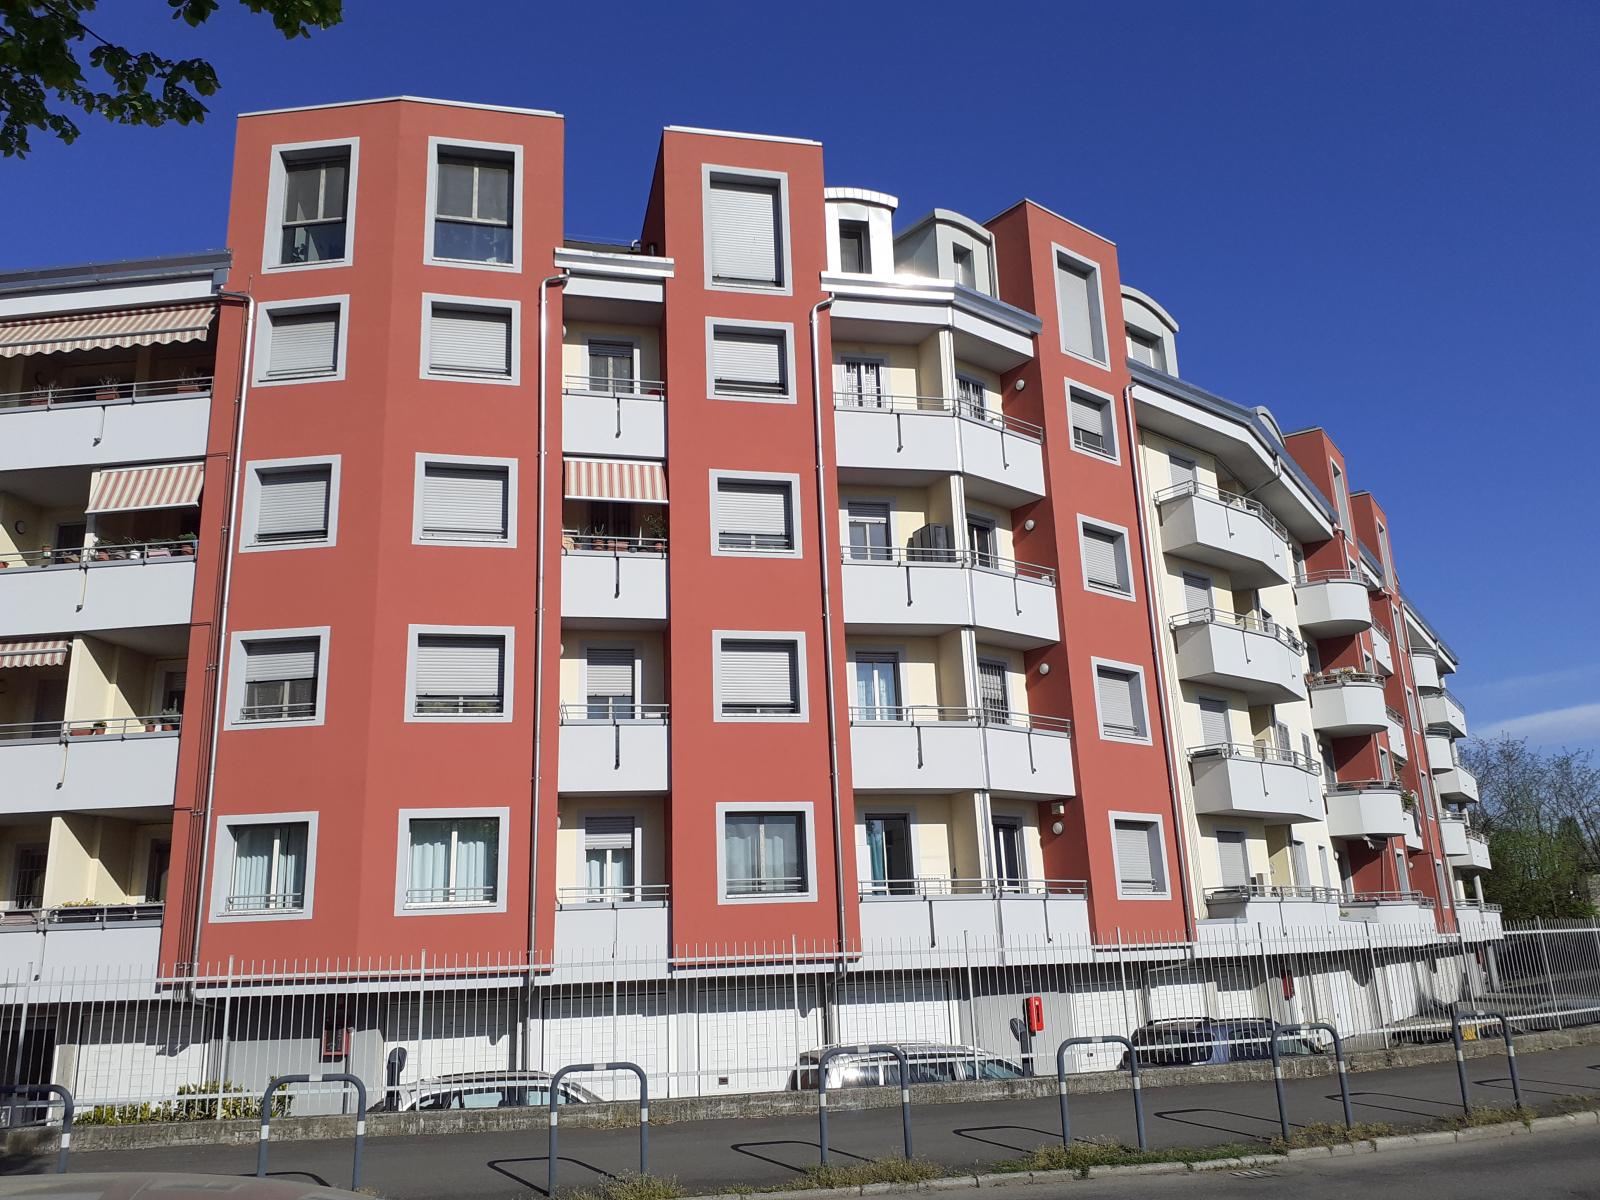 appartamento-in-vendita-a-trezzano-sul-naviglio-milano-2-locali-spaziourbano-immobiliare-vende-10